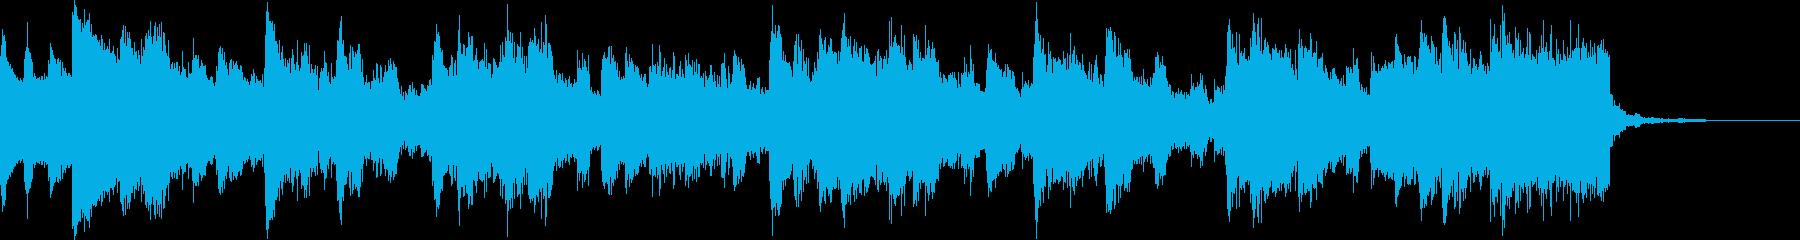 EDM・K-POP壮大キラキラエモ洋楽cの再生済みの波形